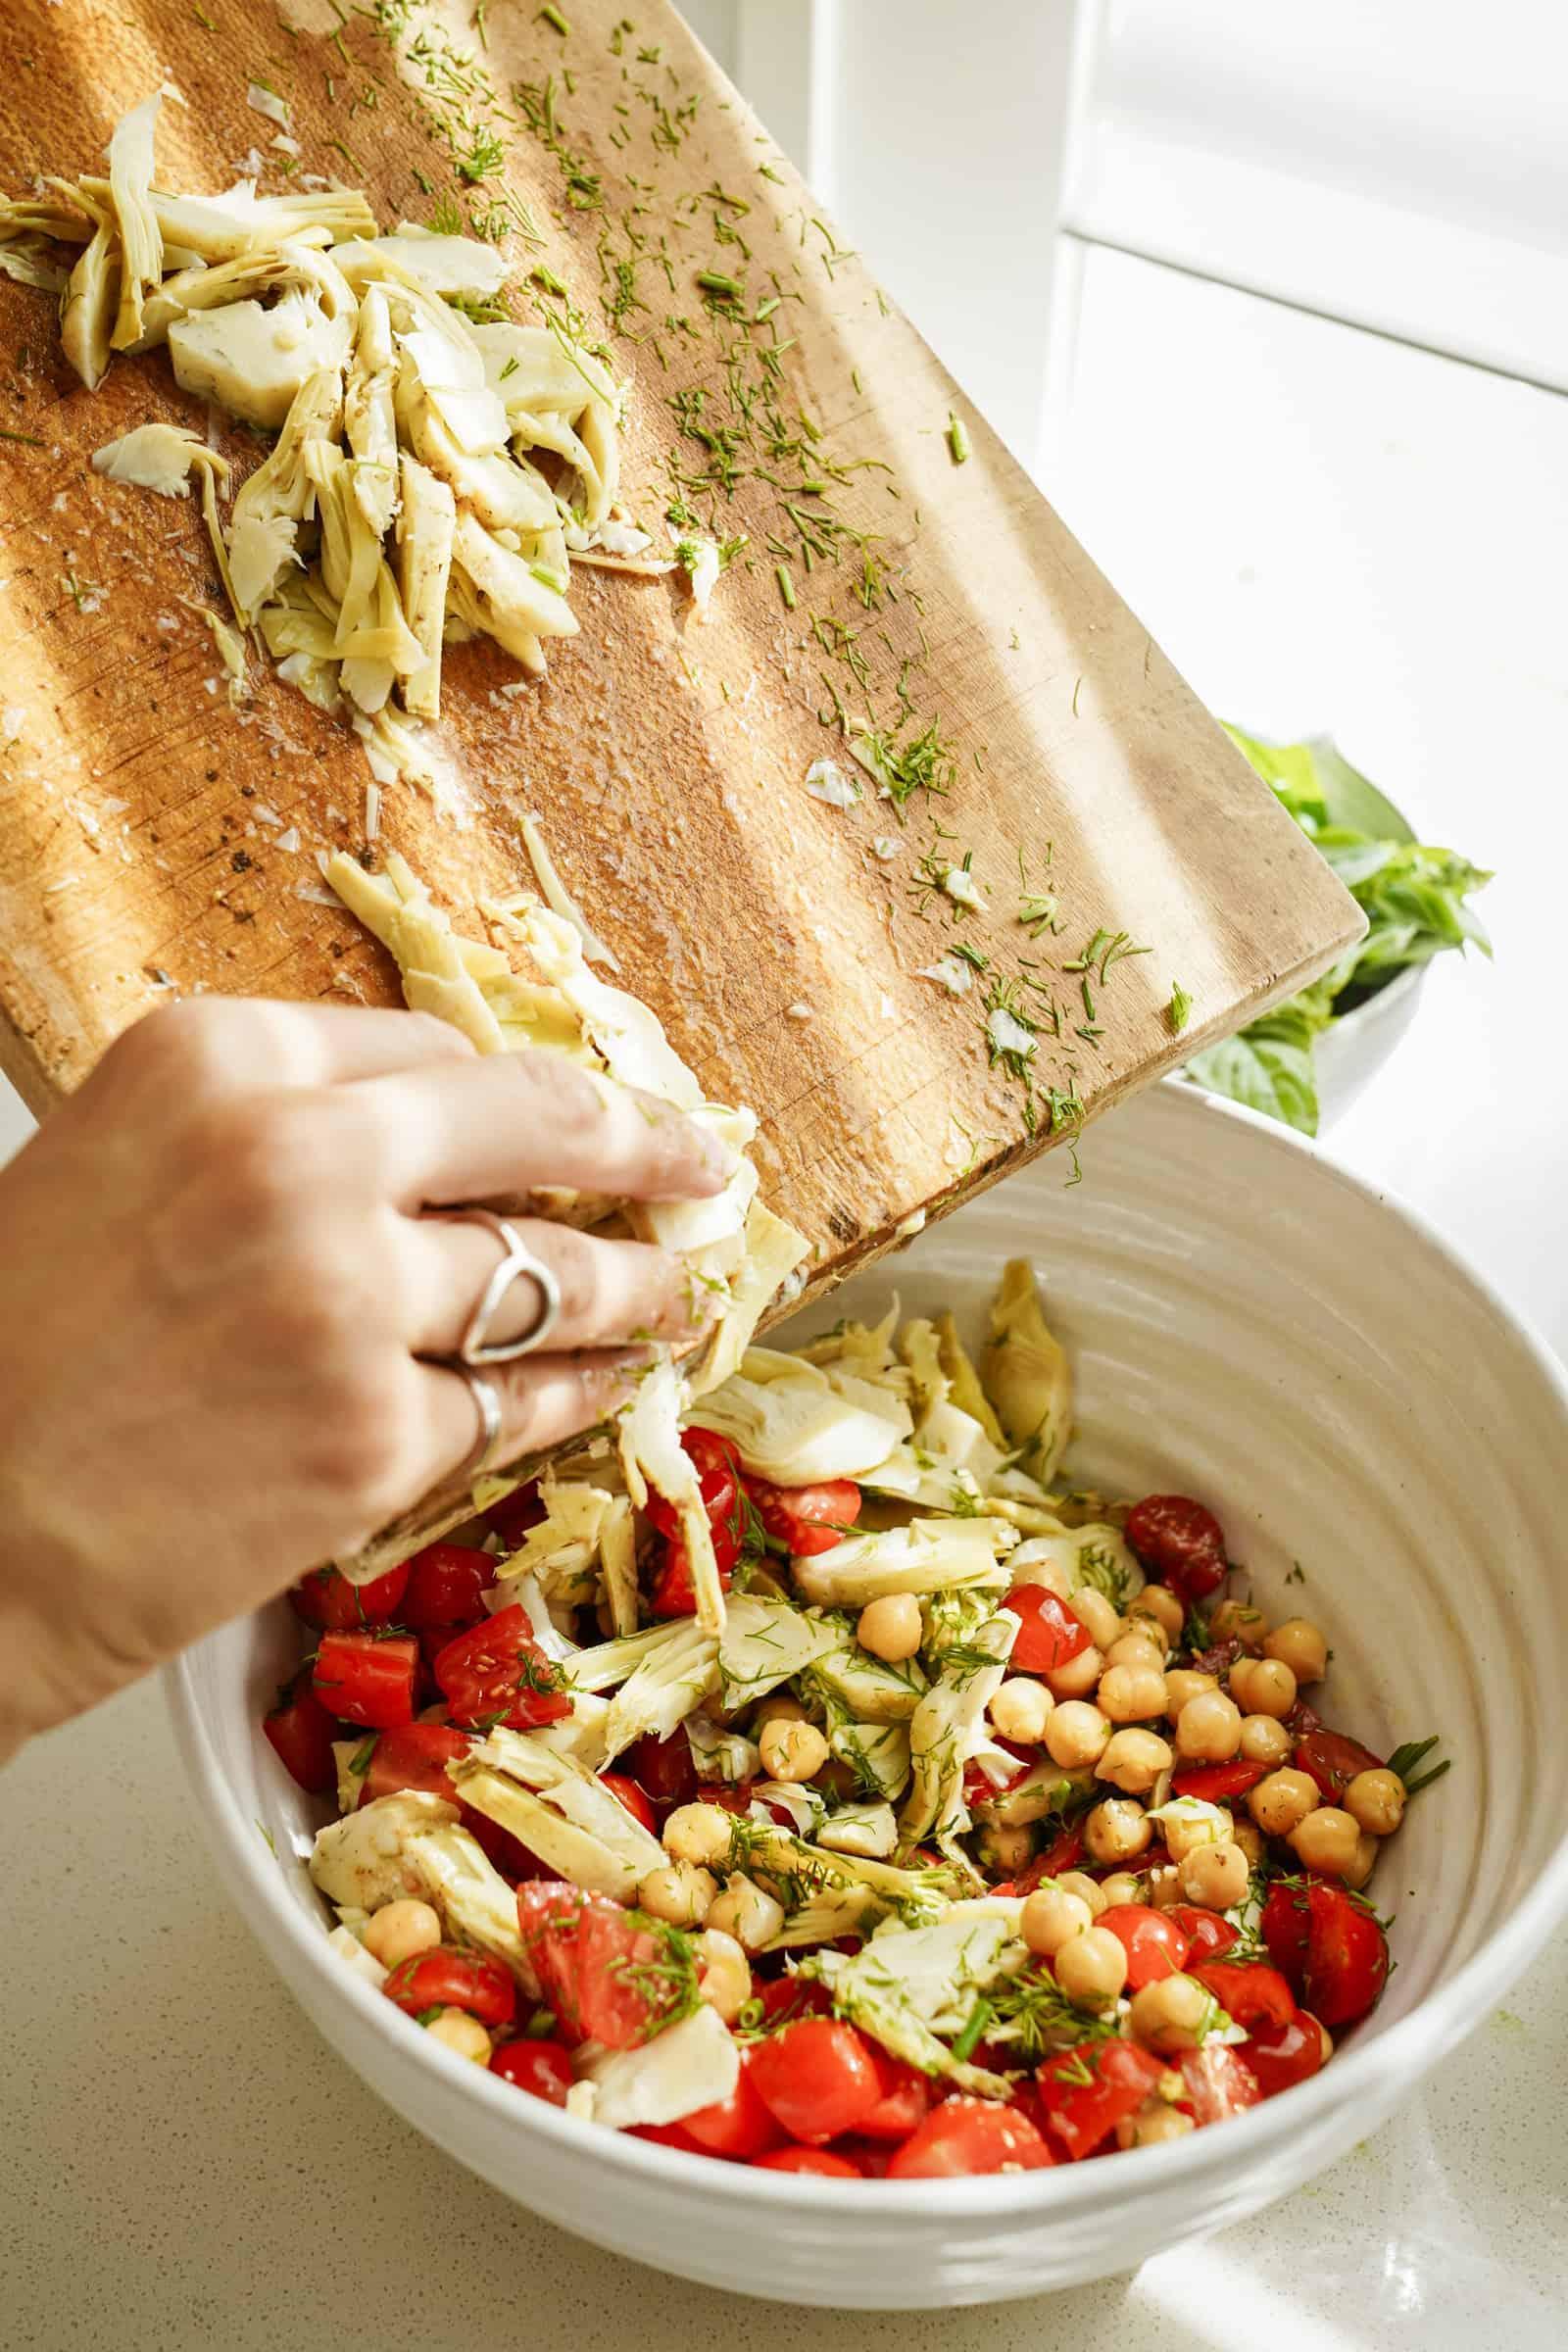 Adding artichokes to a salad recipe